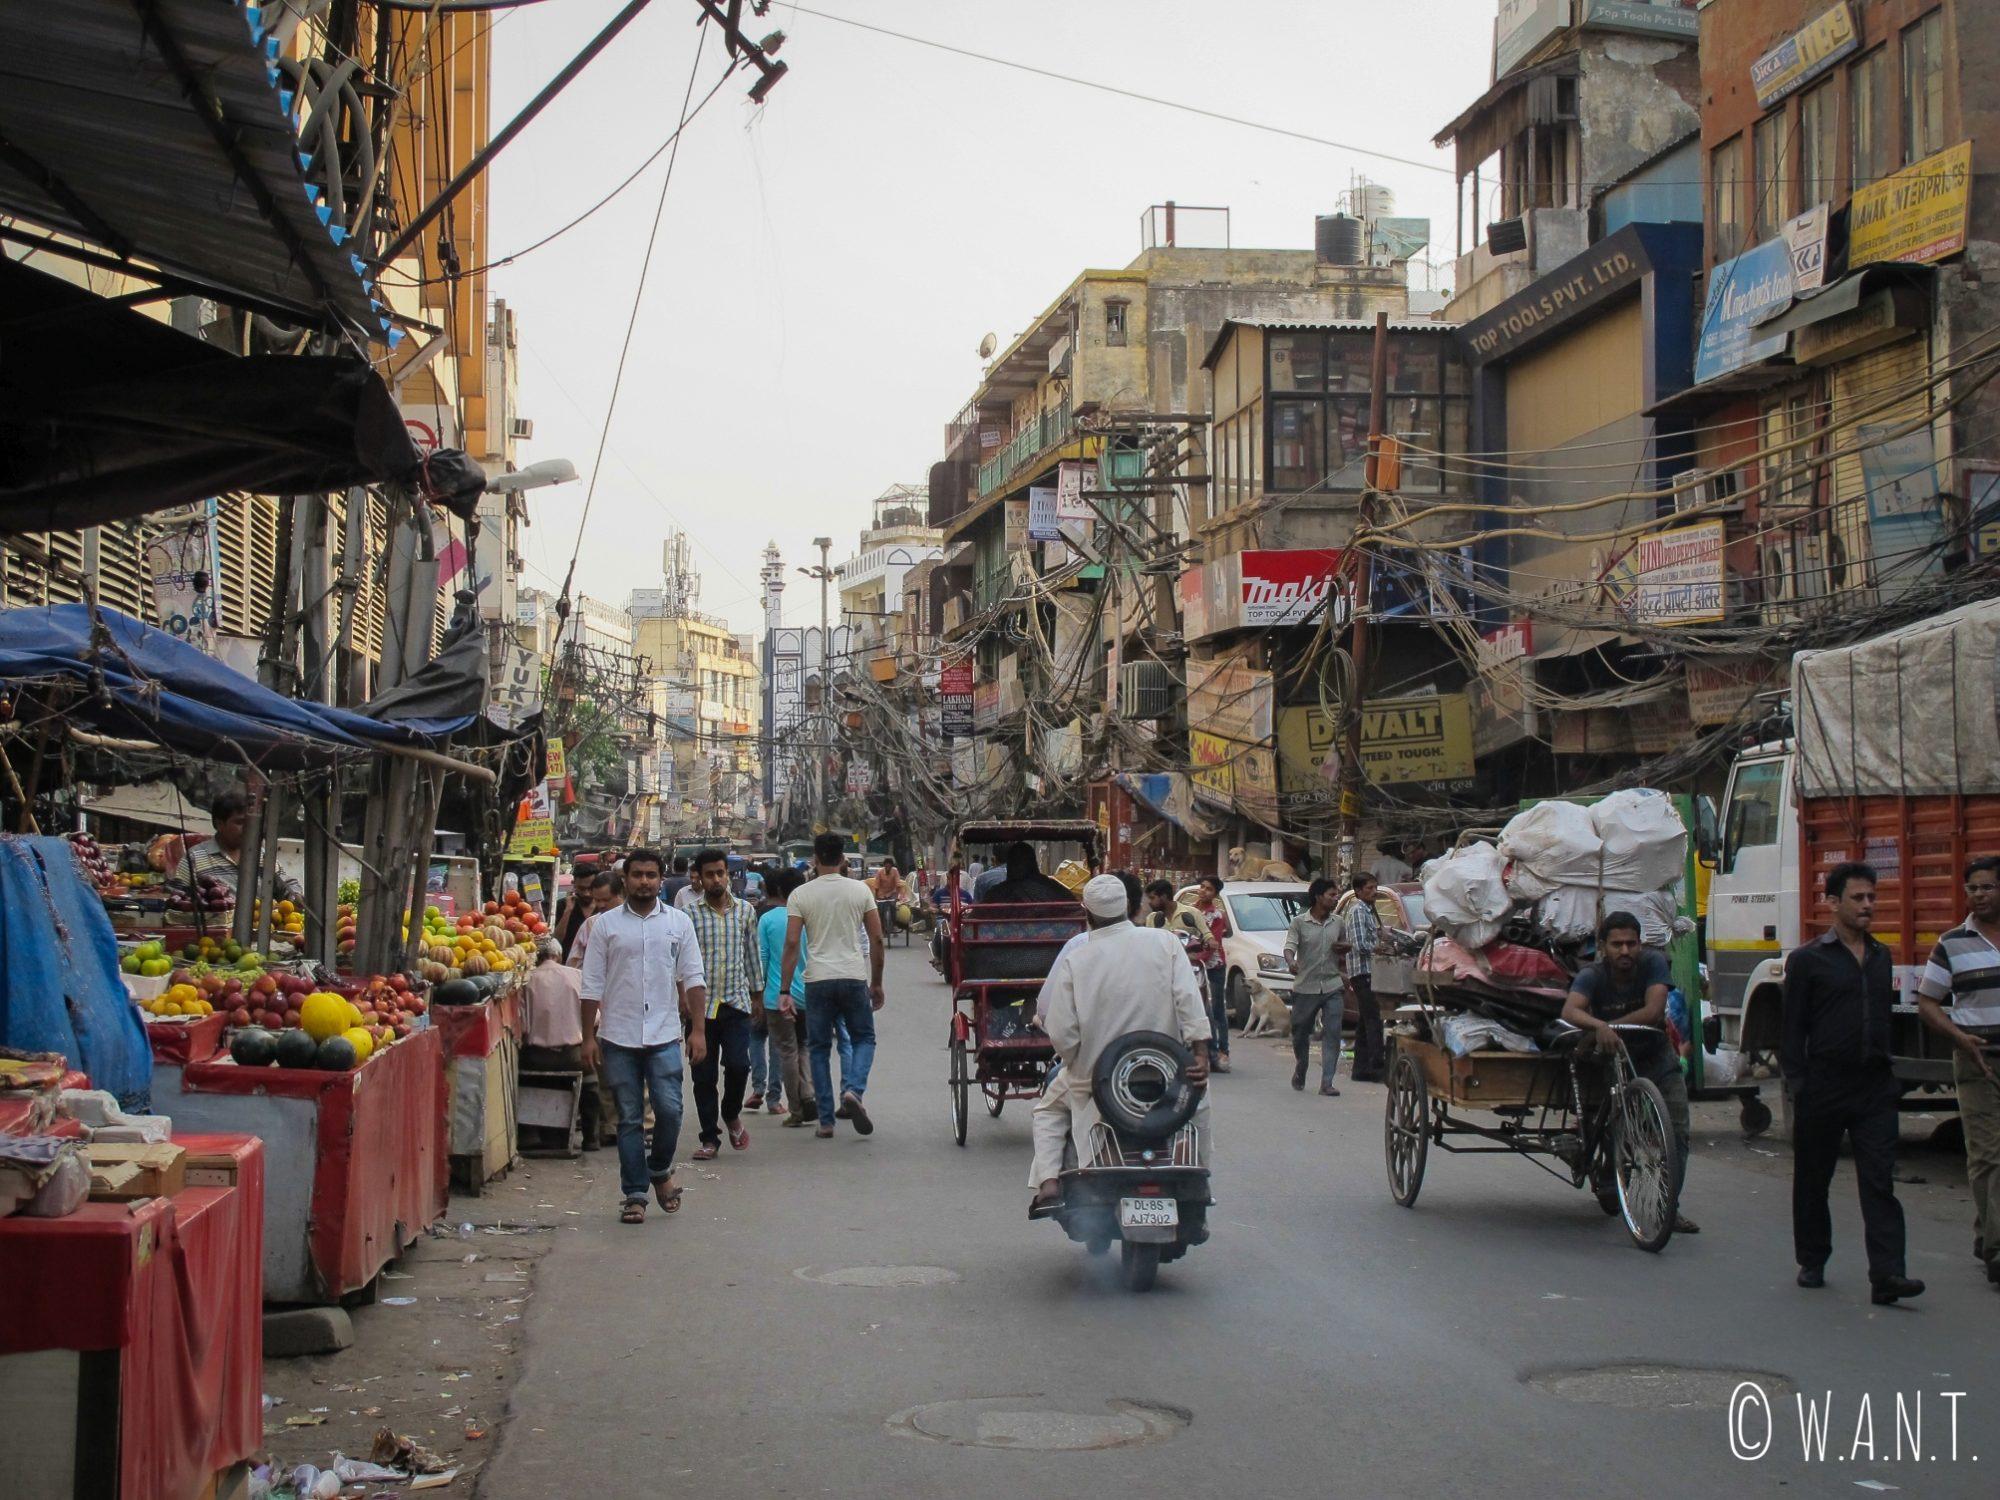 Les rues en Inde sont un spectacle permanent